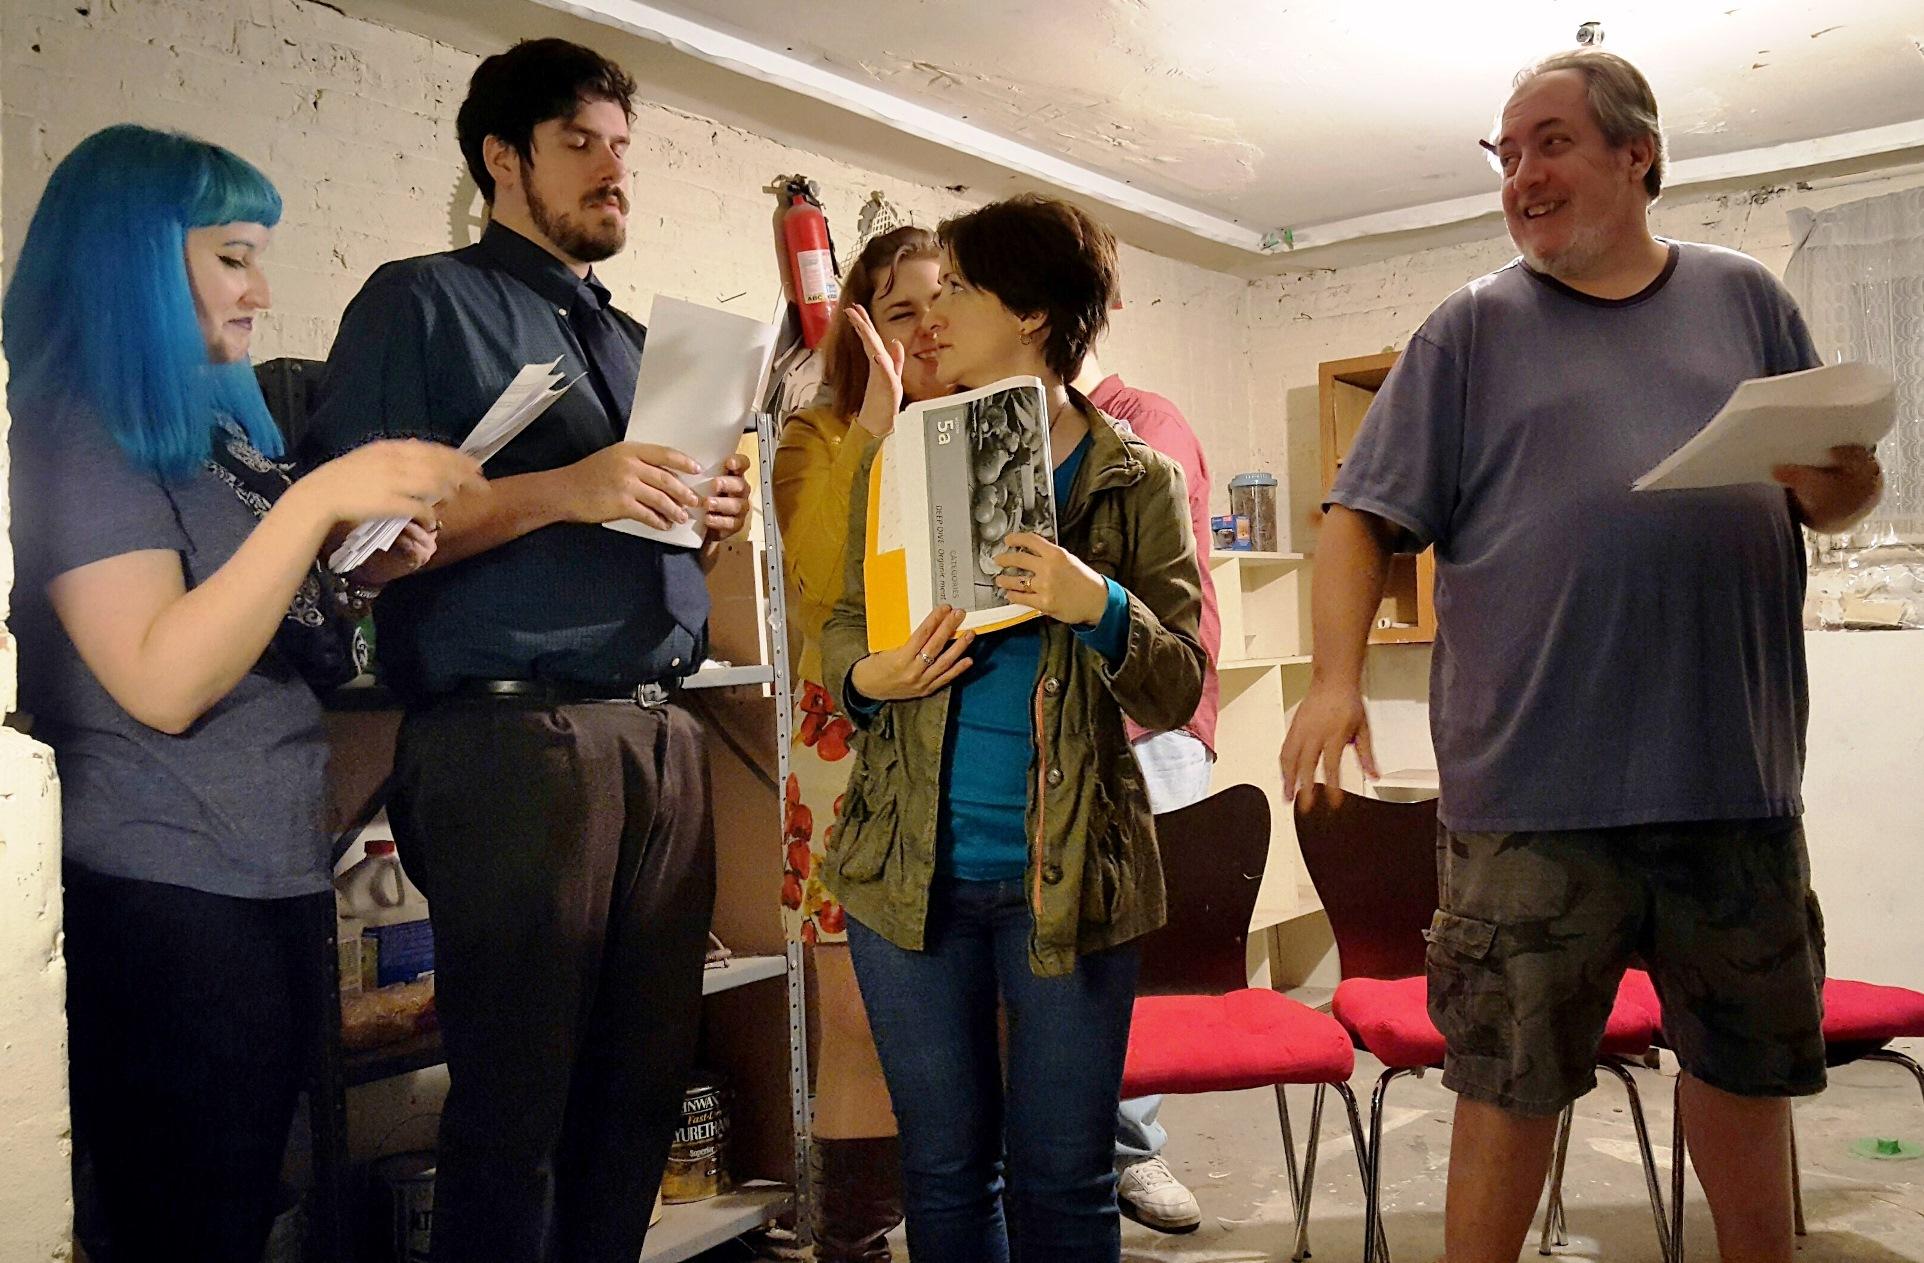 Krampus!  rehearsals are underway. From left: Stefanie Johnsen, Chris Mueller, Jean E. Burr, Allison McCorkle and Chad Wise.